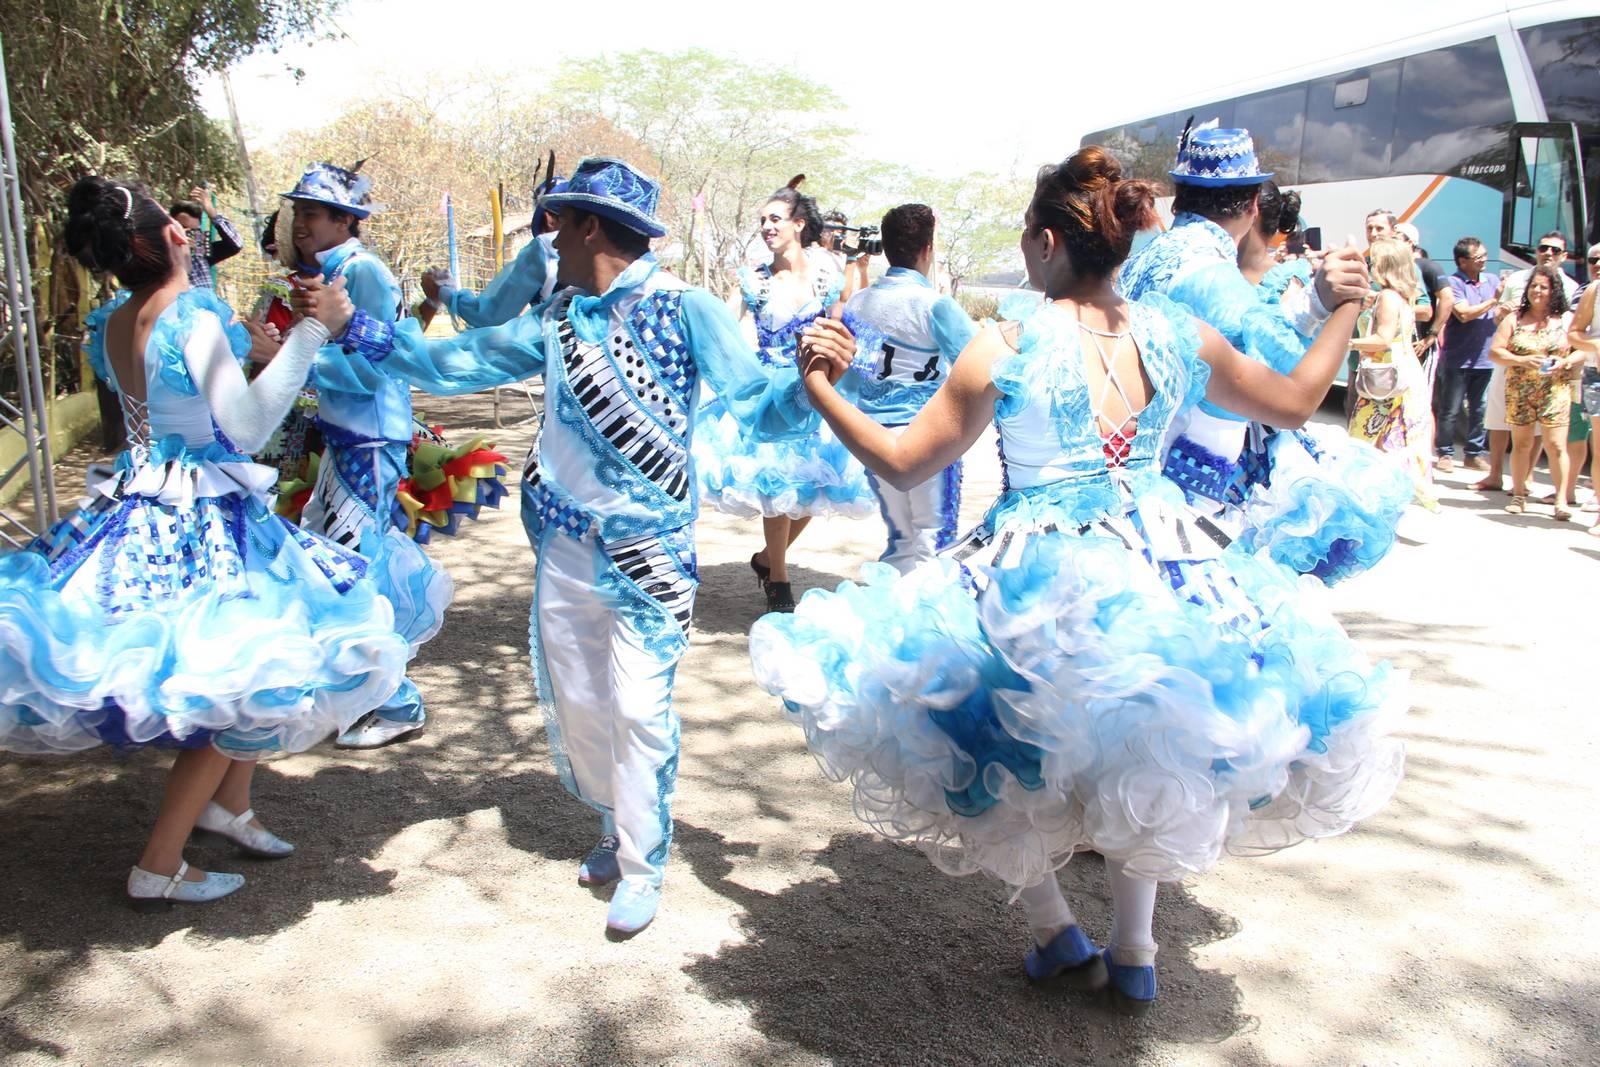 Momento de Festa e Confraternização - IV Encontro Reginal do Nordeste (8)